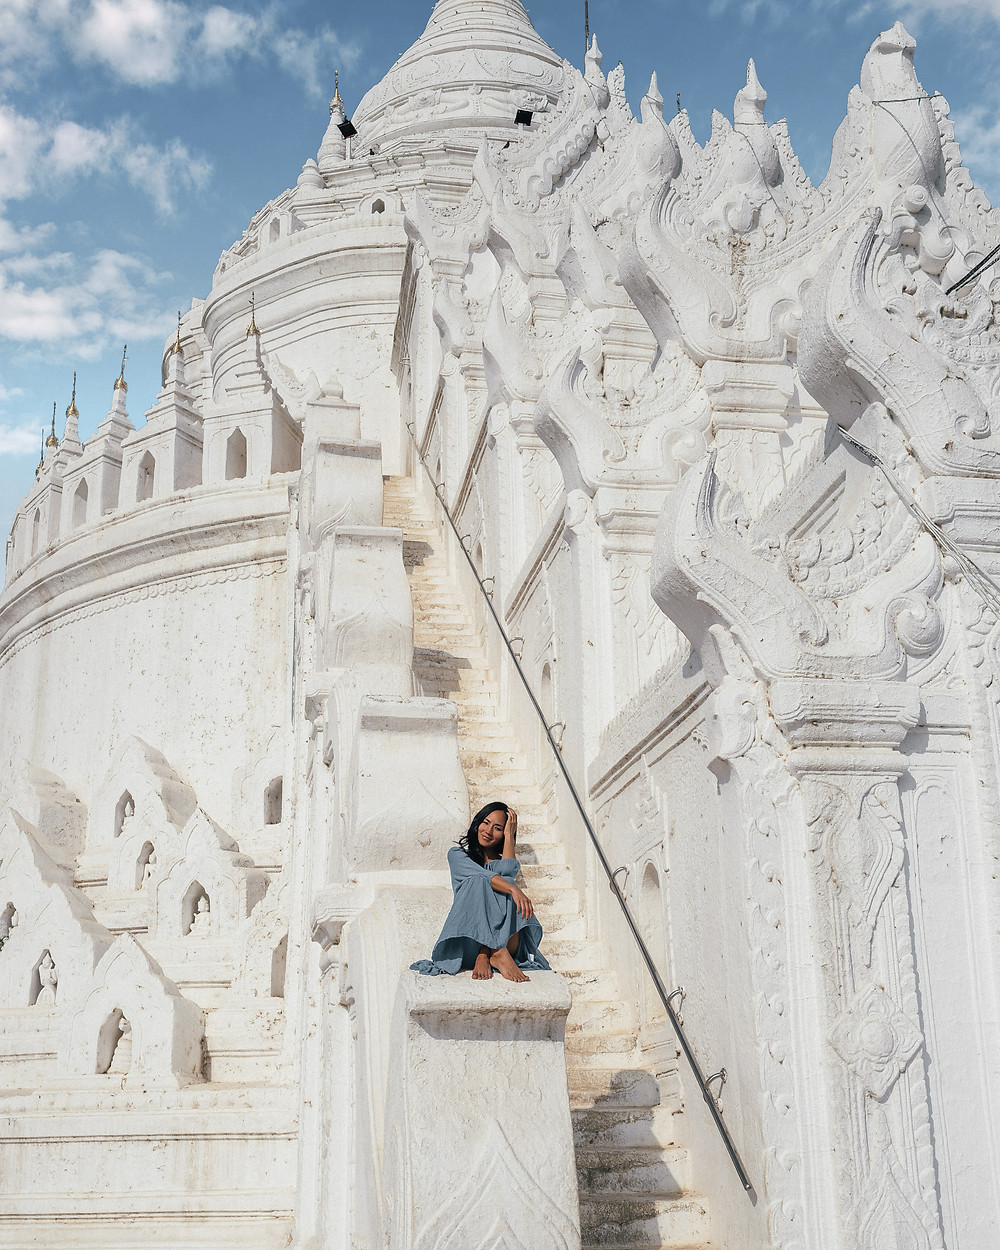 Hsinbyume Pagoda, Mandalay, Myanmar